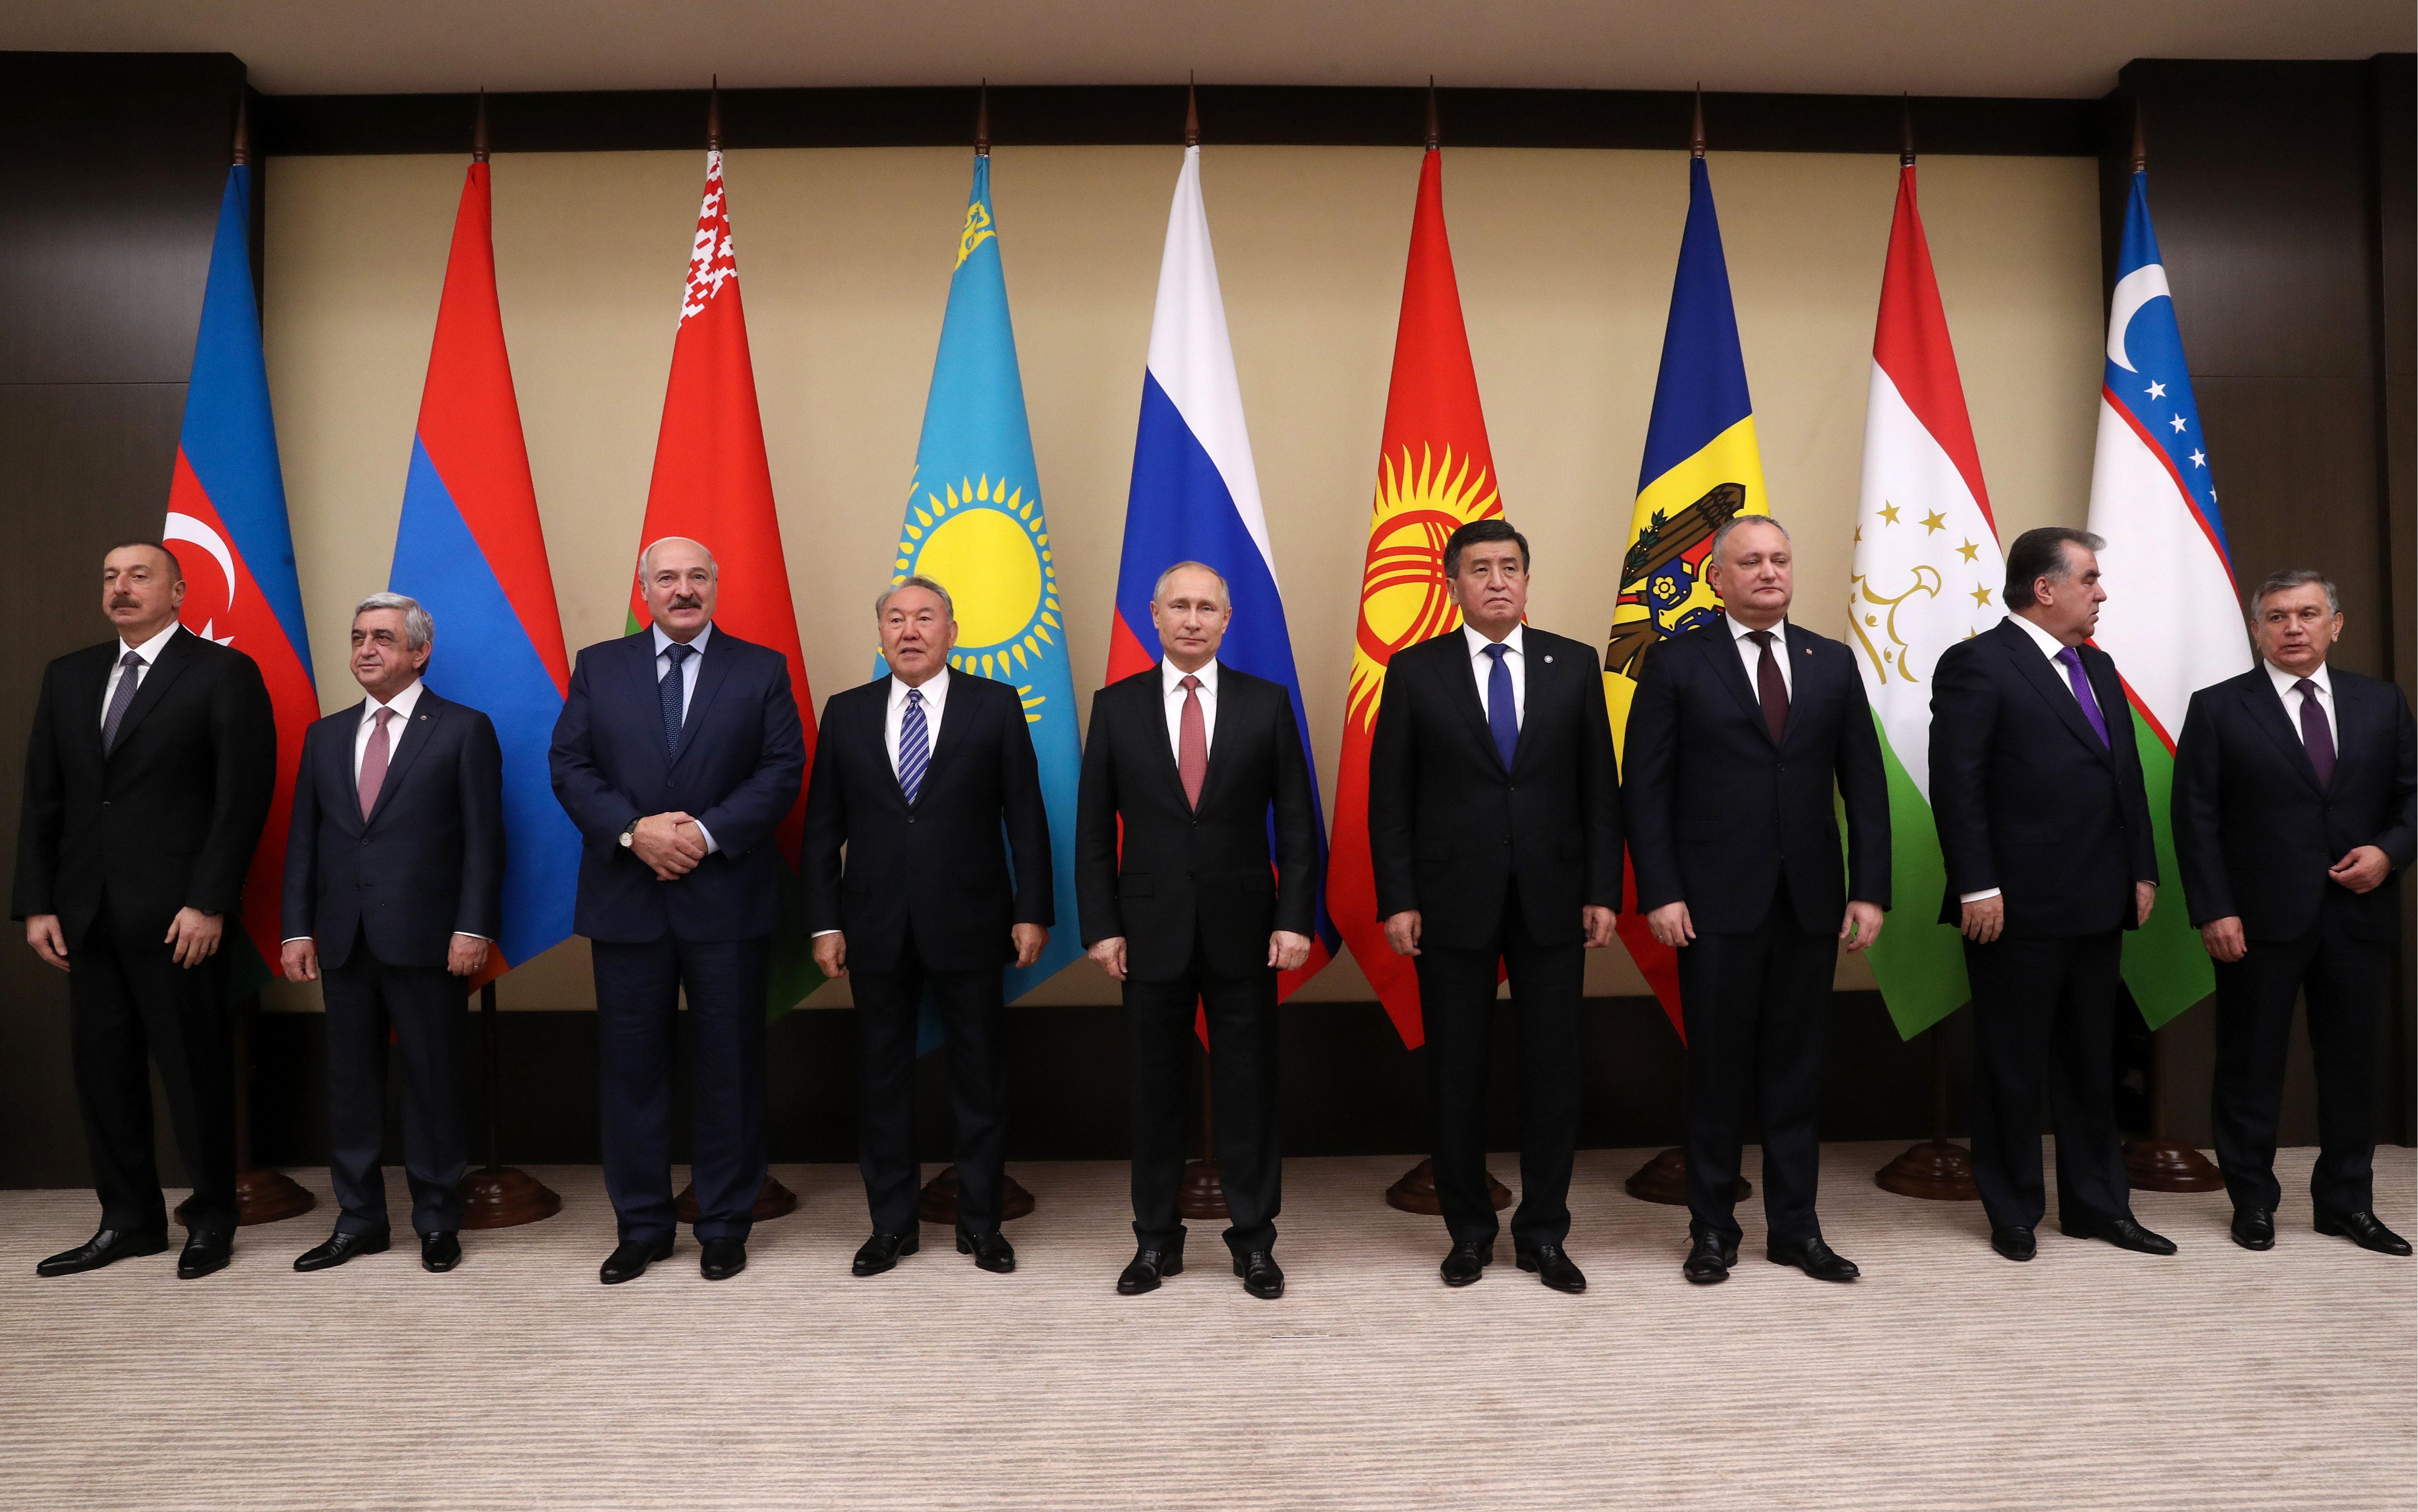 Лидеры СНГ: предвыборная борьба в РФ небудет драматичной